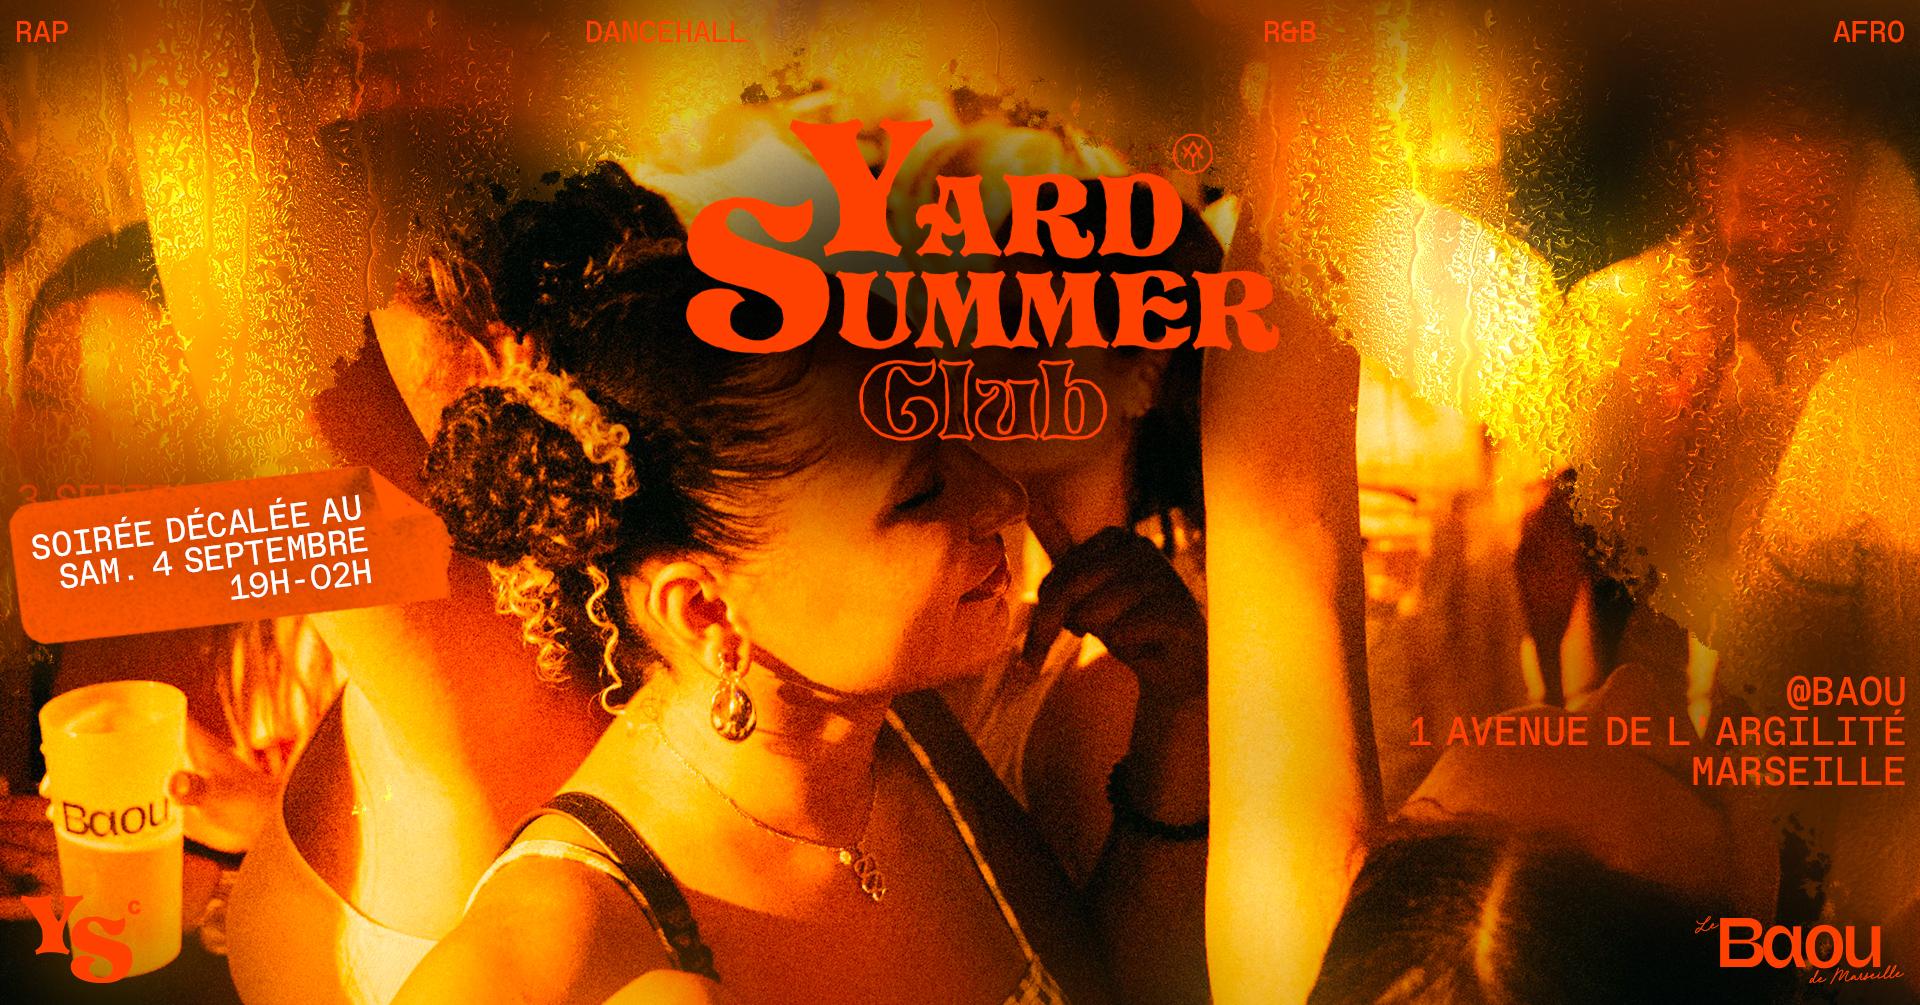 YARD SUMMER CLUB x BAOU #2